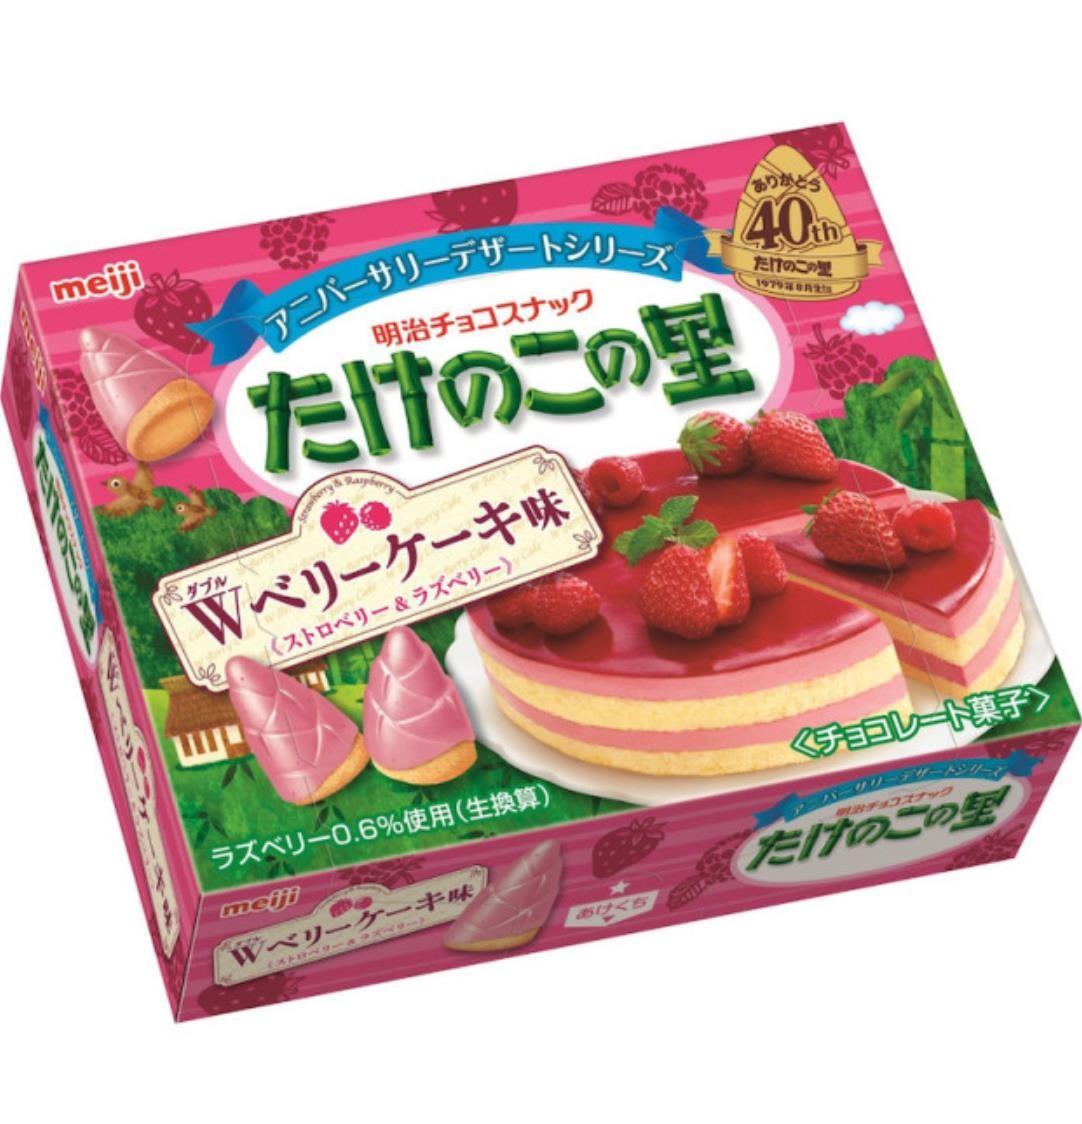 【日本直邮】 明治MEIJI 40周年限定商品 草莓覆盆子蛋糕口味巧克力小竹笋饼干 61g